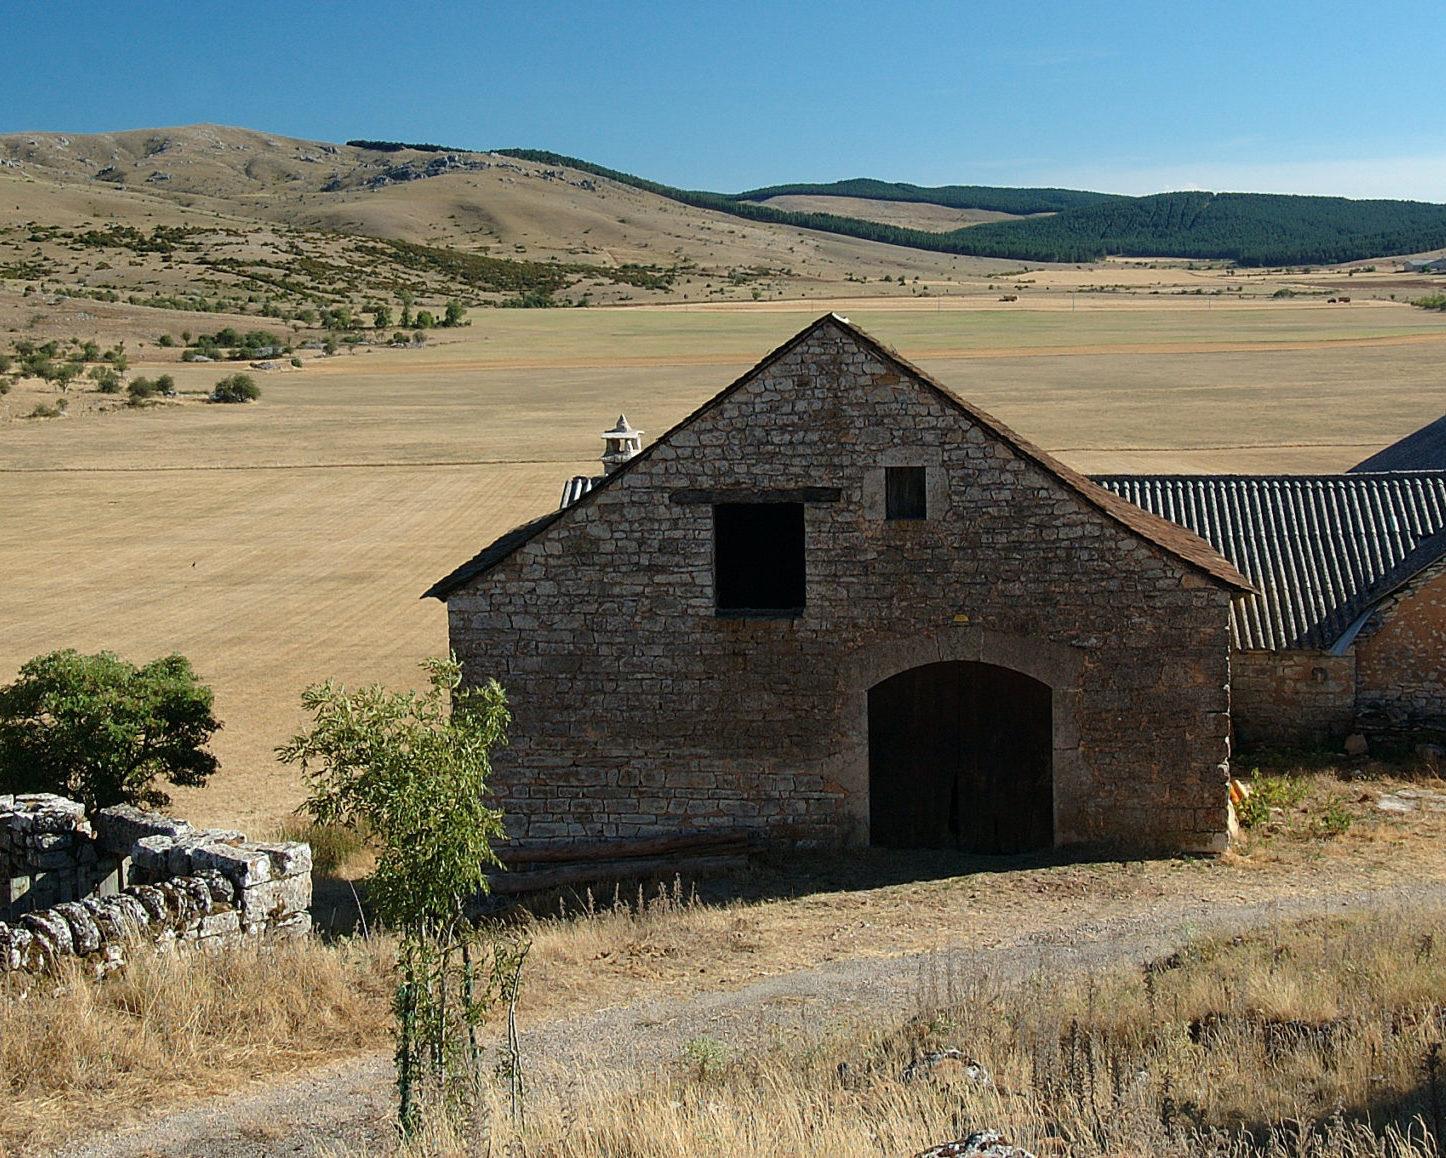 ein altes Bauernhaus mit Nebengebäuden und Steinmauer, im Hintergrund eine verödete weite Landschaft